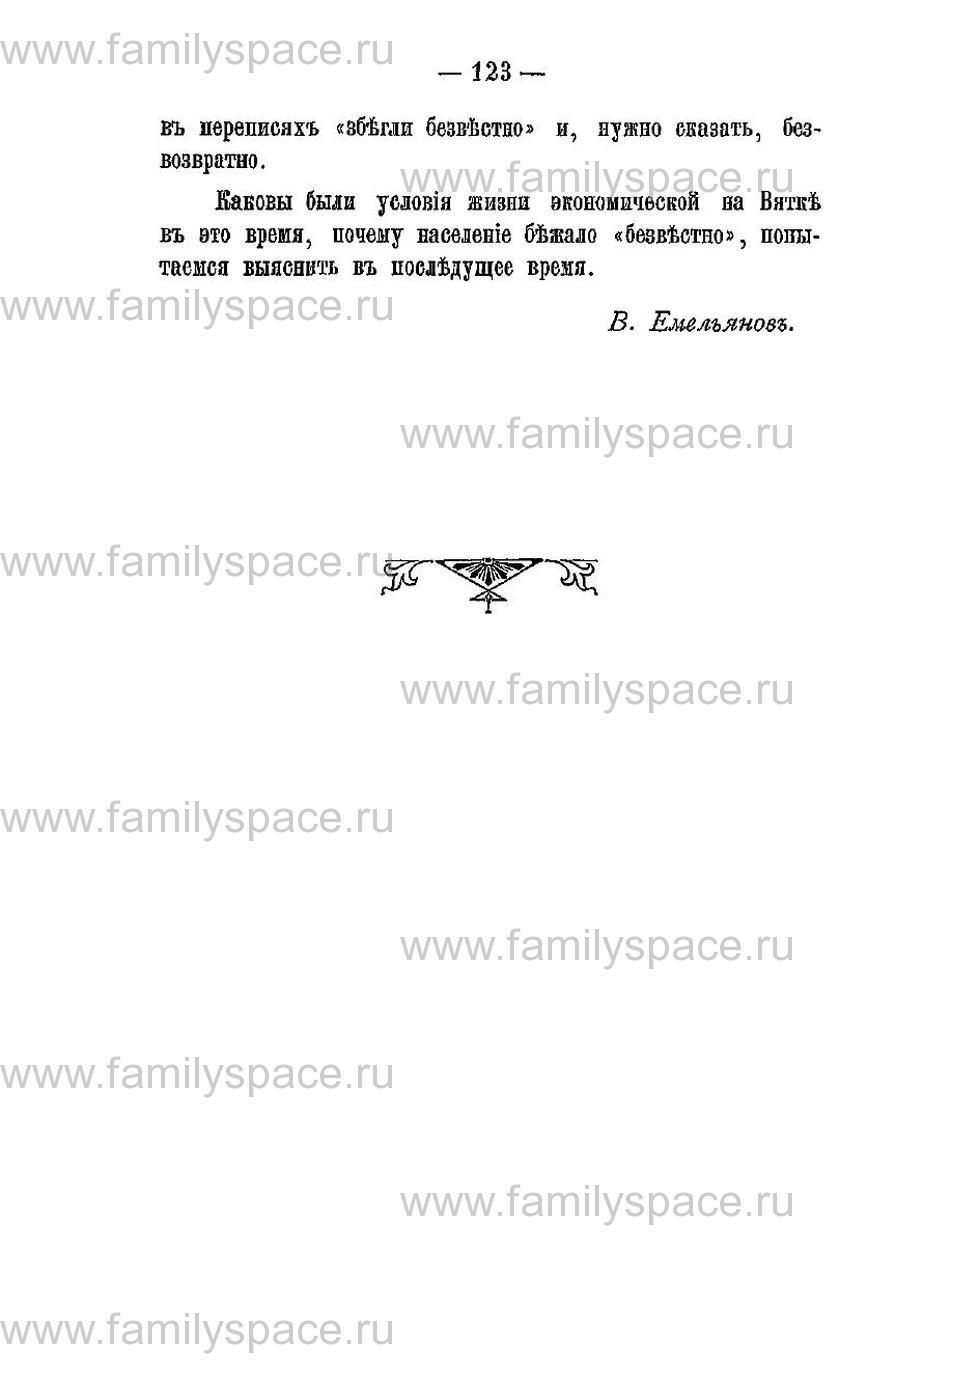 Поиск по фамилии - Переписная книга Орлова и волостей 1678 г, страница 119